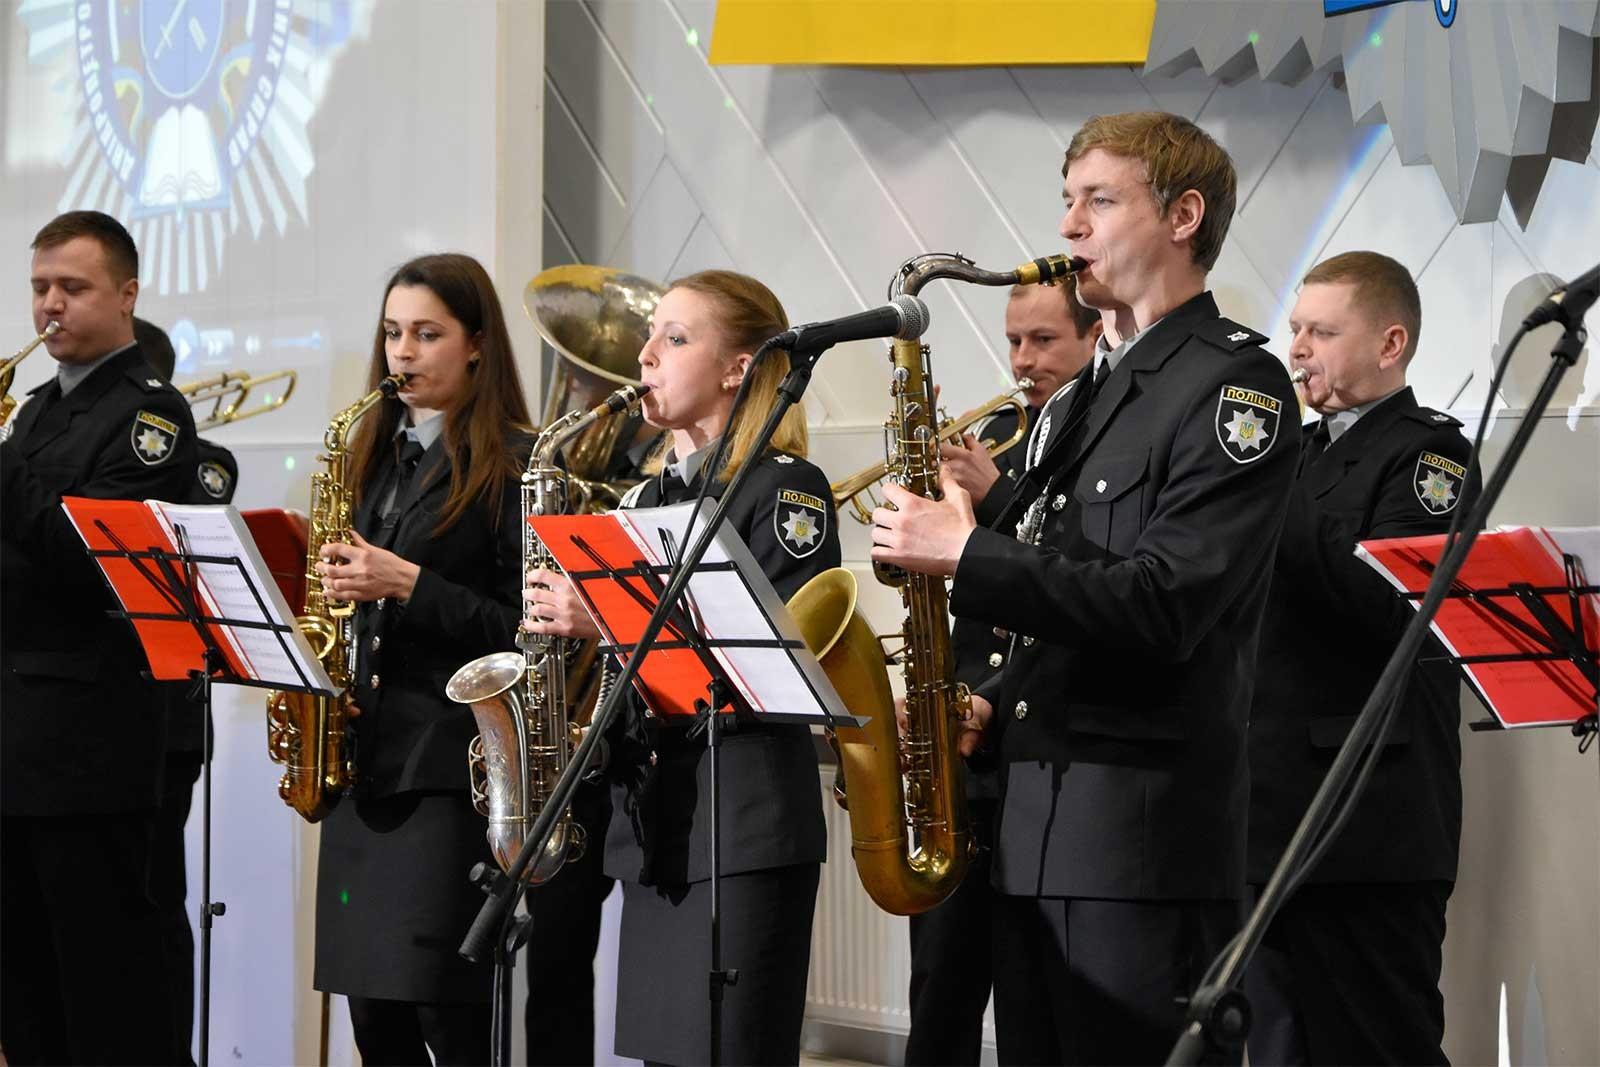 З нагоди 51-ї річниці на сцені виступали кращі вокалісти, хореографічні колективи та оркестр університету